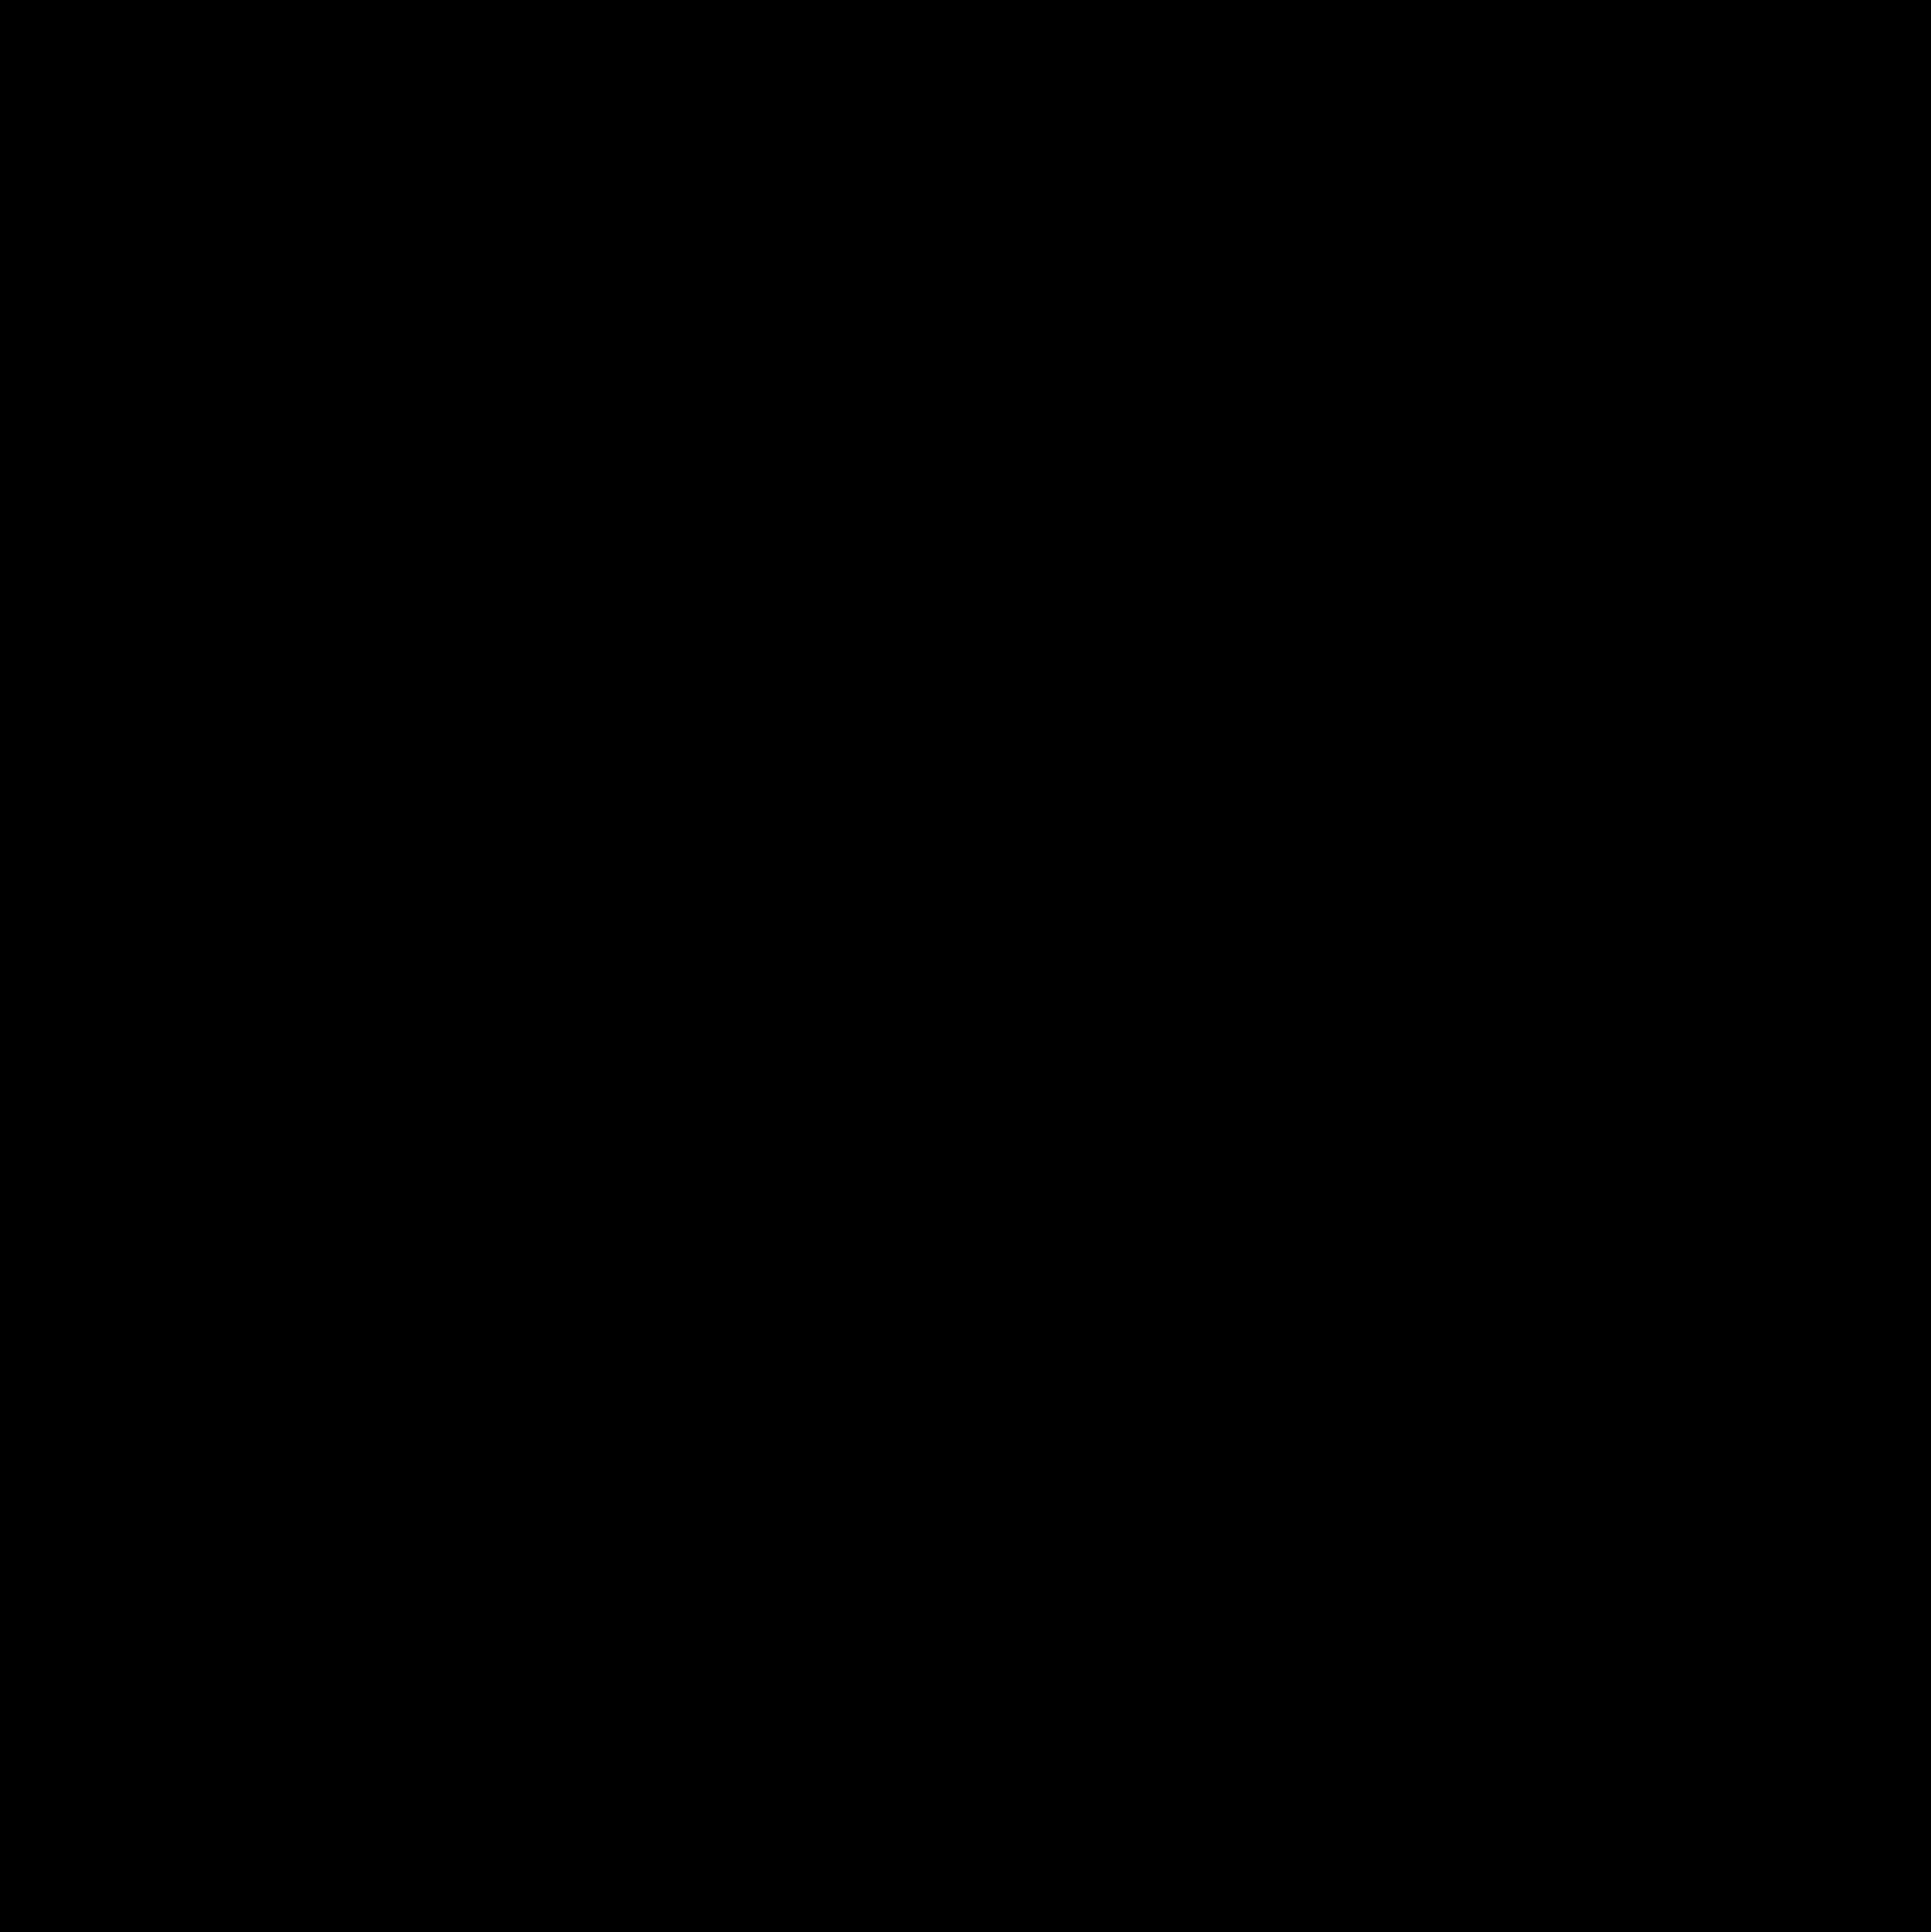 Clipart Frame 24